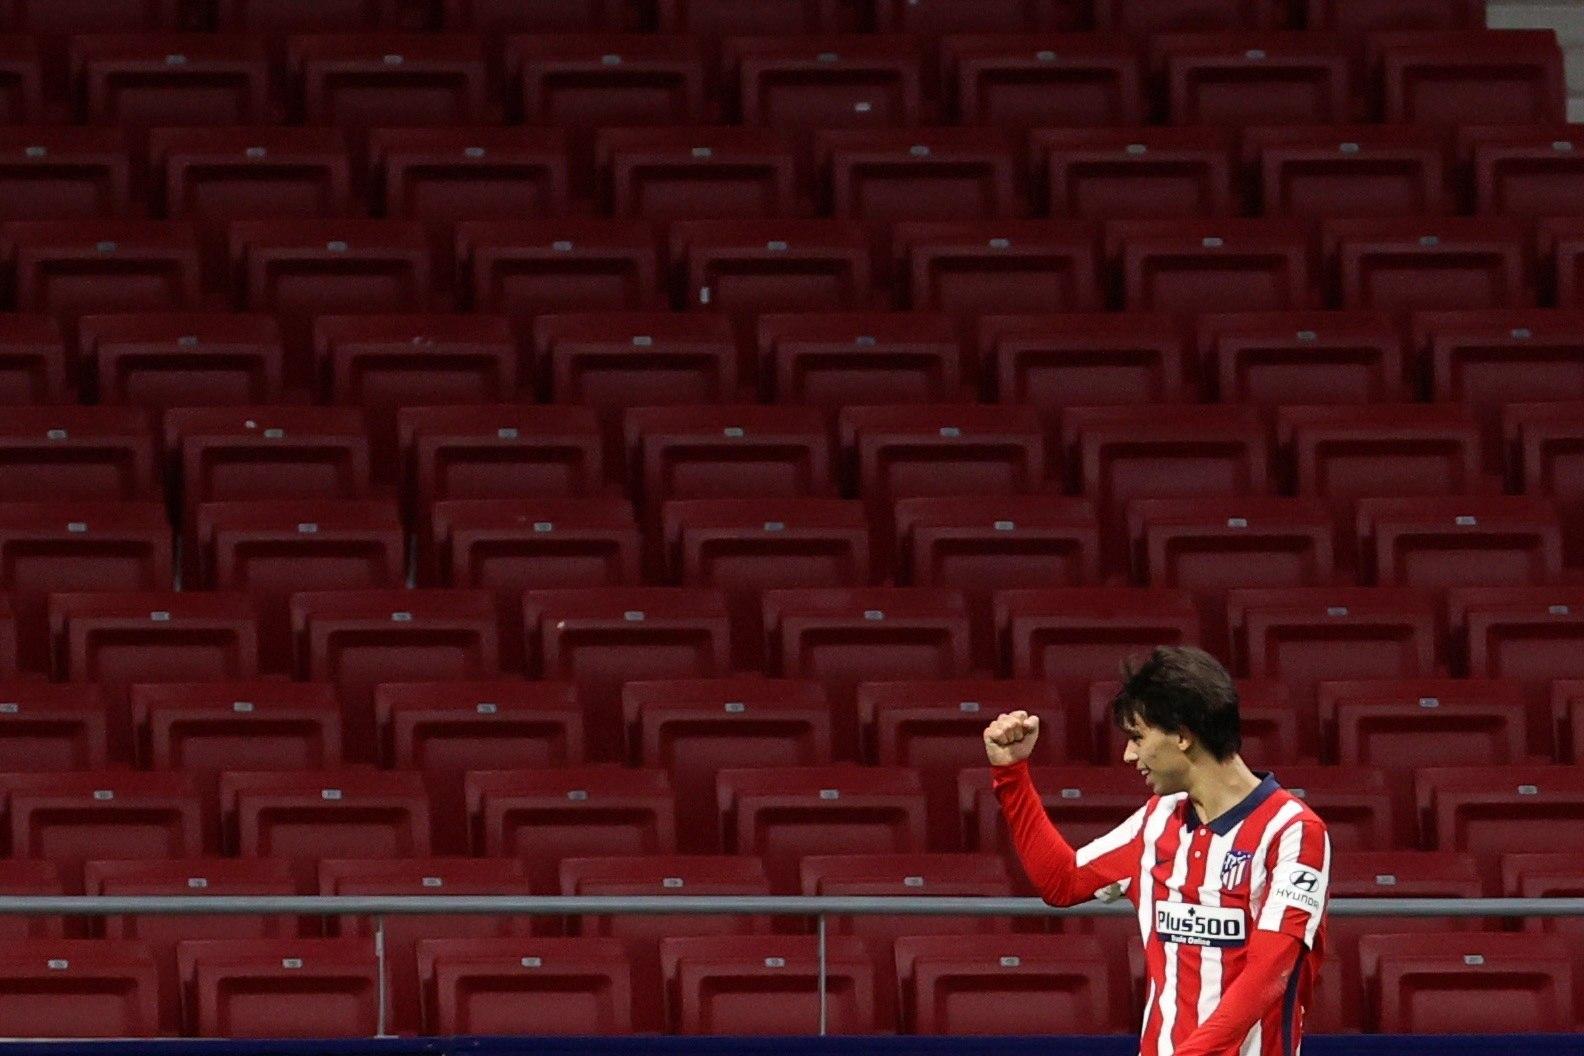 GRAF6030. MADRID, 07/11/2020.- El centrocampista del Atlético de Madrid lt;HIT gt;Joao lt;/HIT gt; Félix celebra tras lt;HIT gt;marcar lt;/HIT gt; el cuarto gol ante el Cádiz, durante el partido de Liga en Primera División disputado esta noche en el estadio Wanda Metropolitano, en Madrid. EFE/JuanJo Martín